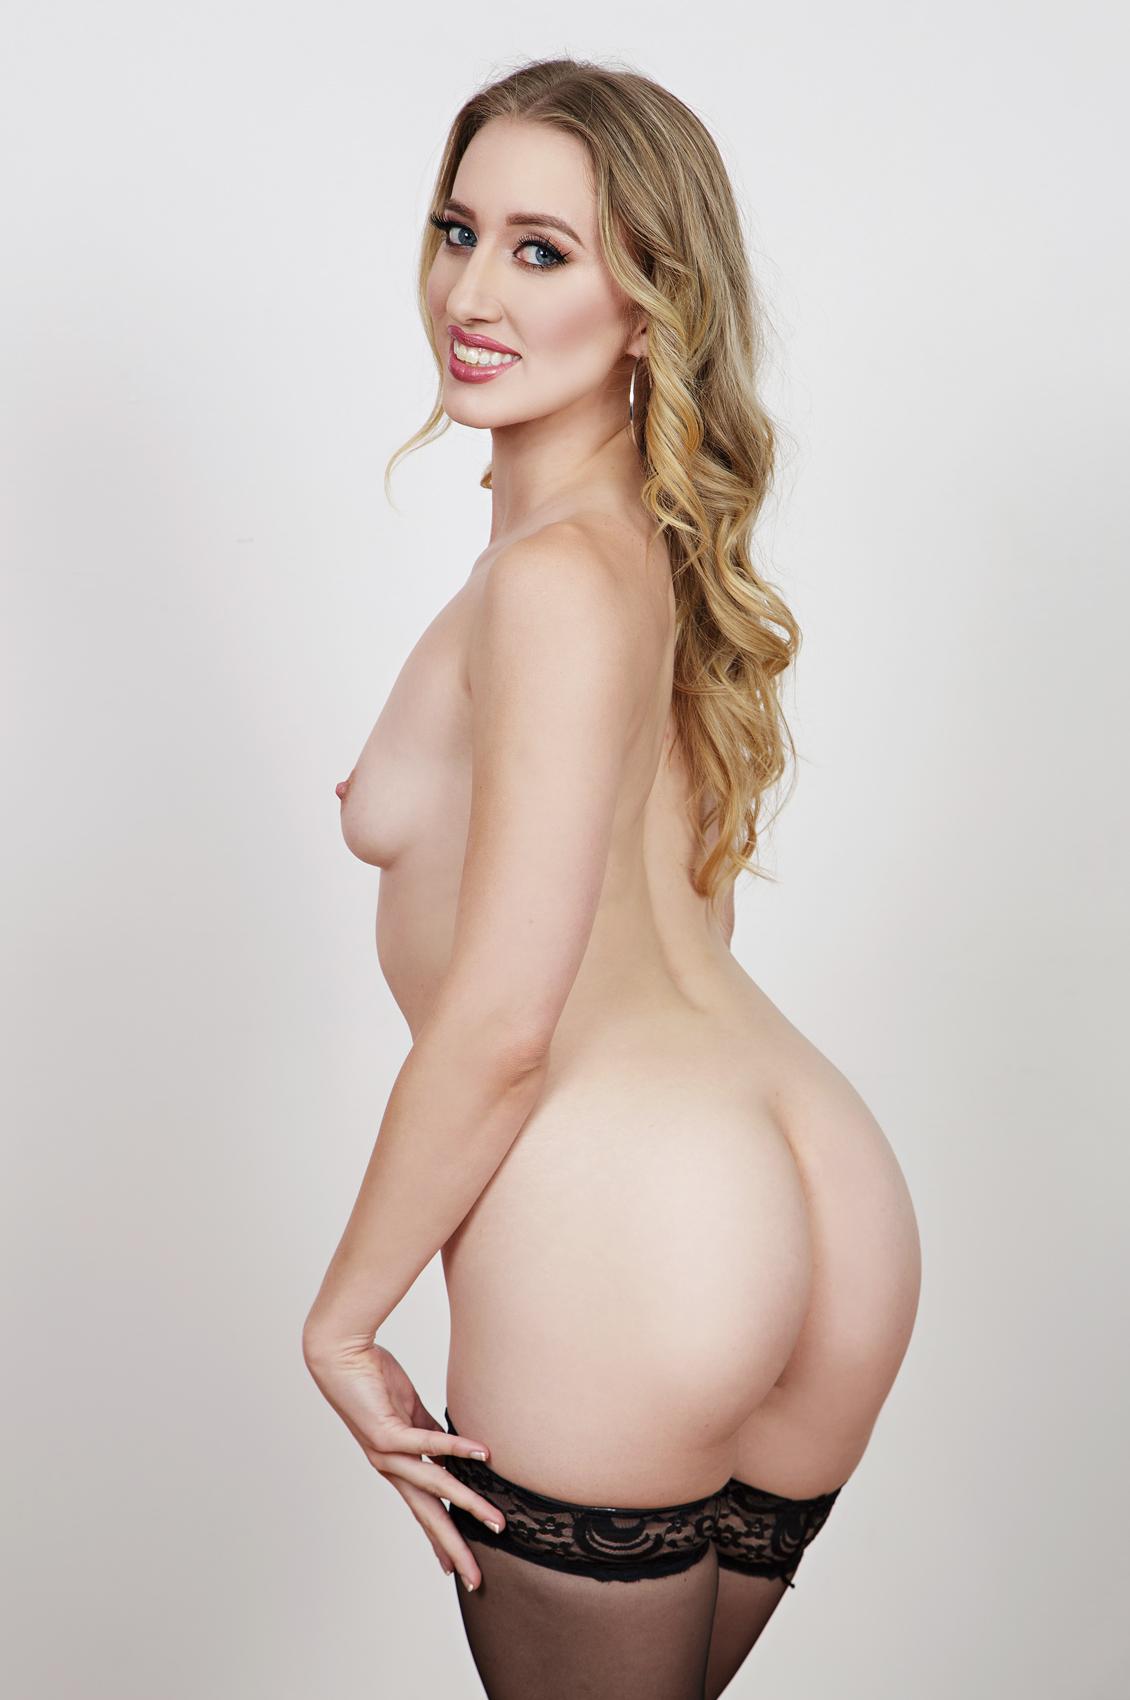 Riley Reyes's Bio, Free Nude Pics & VR Porn Videos